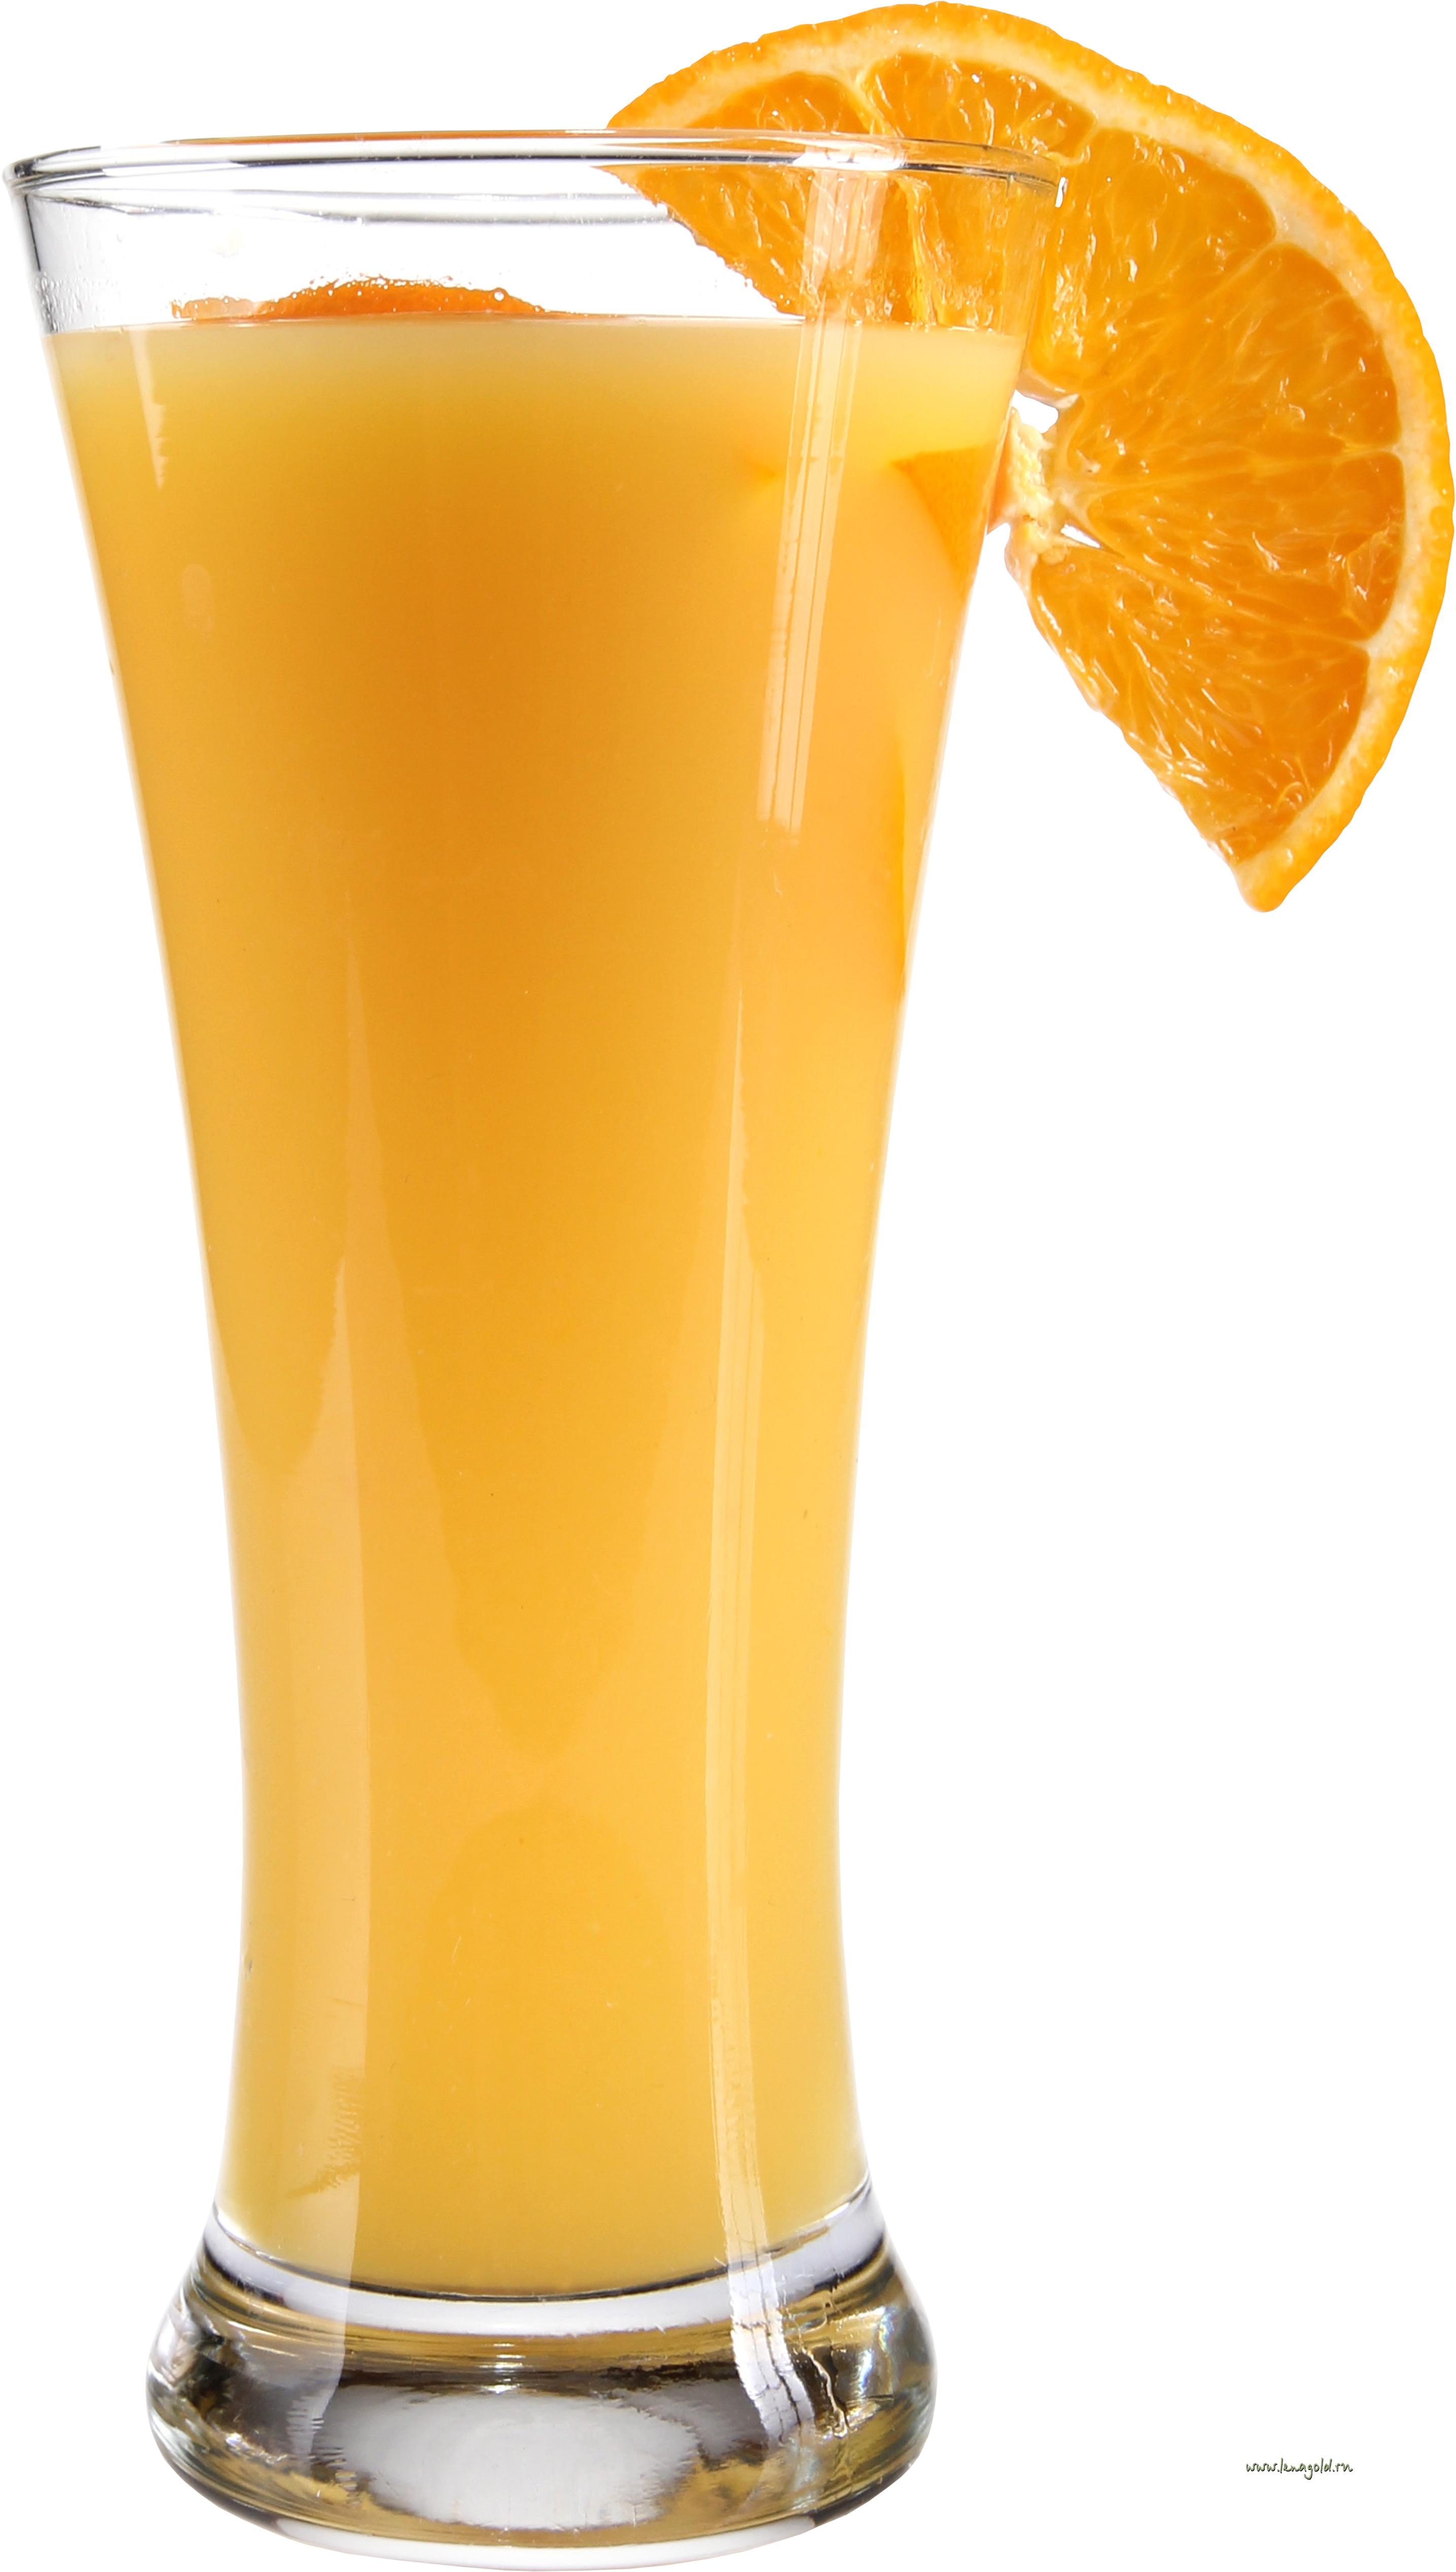 стакан с апельсиновым соком, апельсин, сок, фото, обои